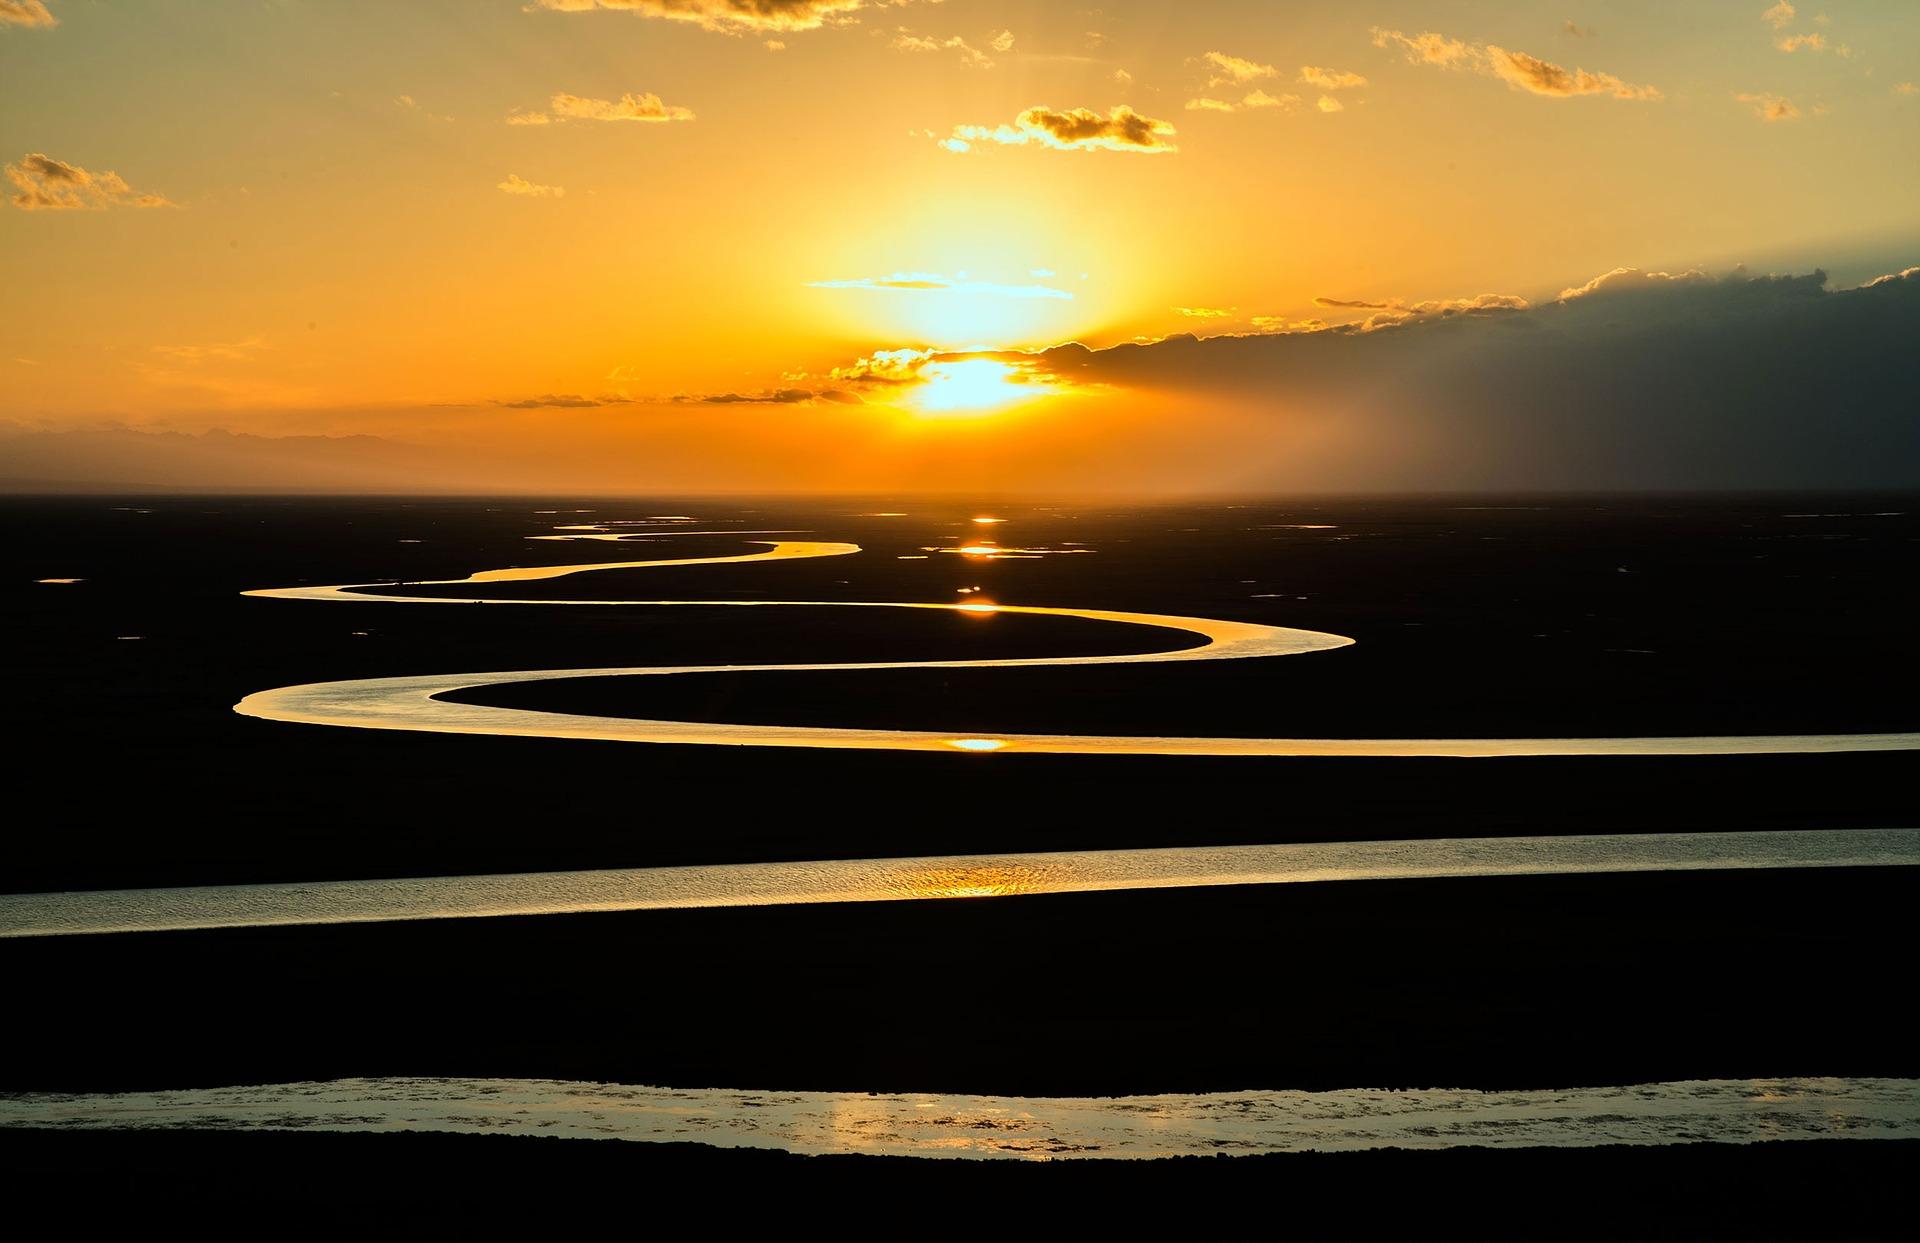 sonnenaufgang, weg, fluss, pixabay